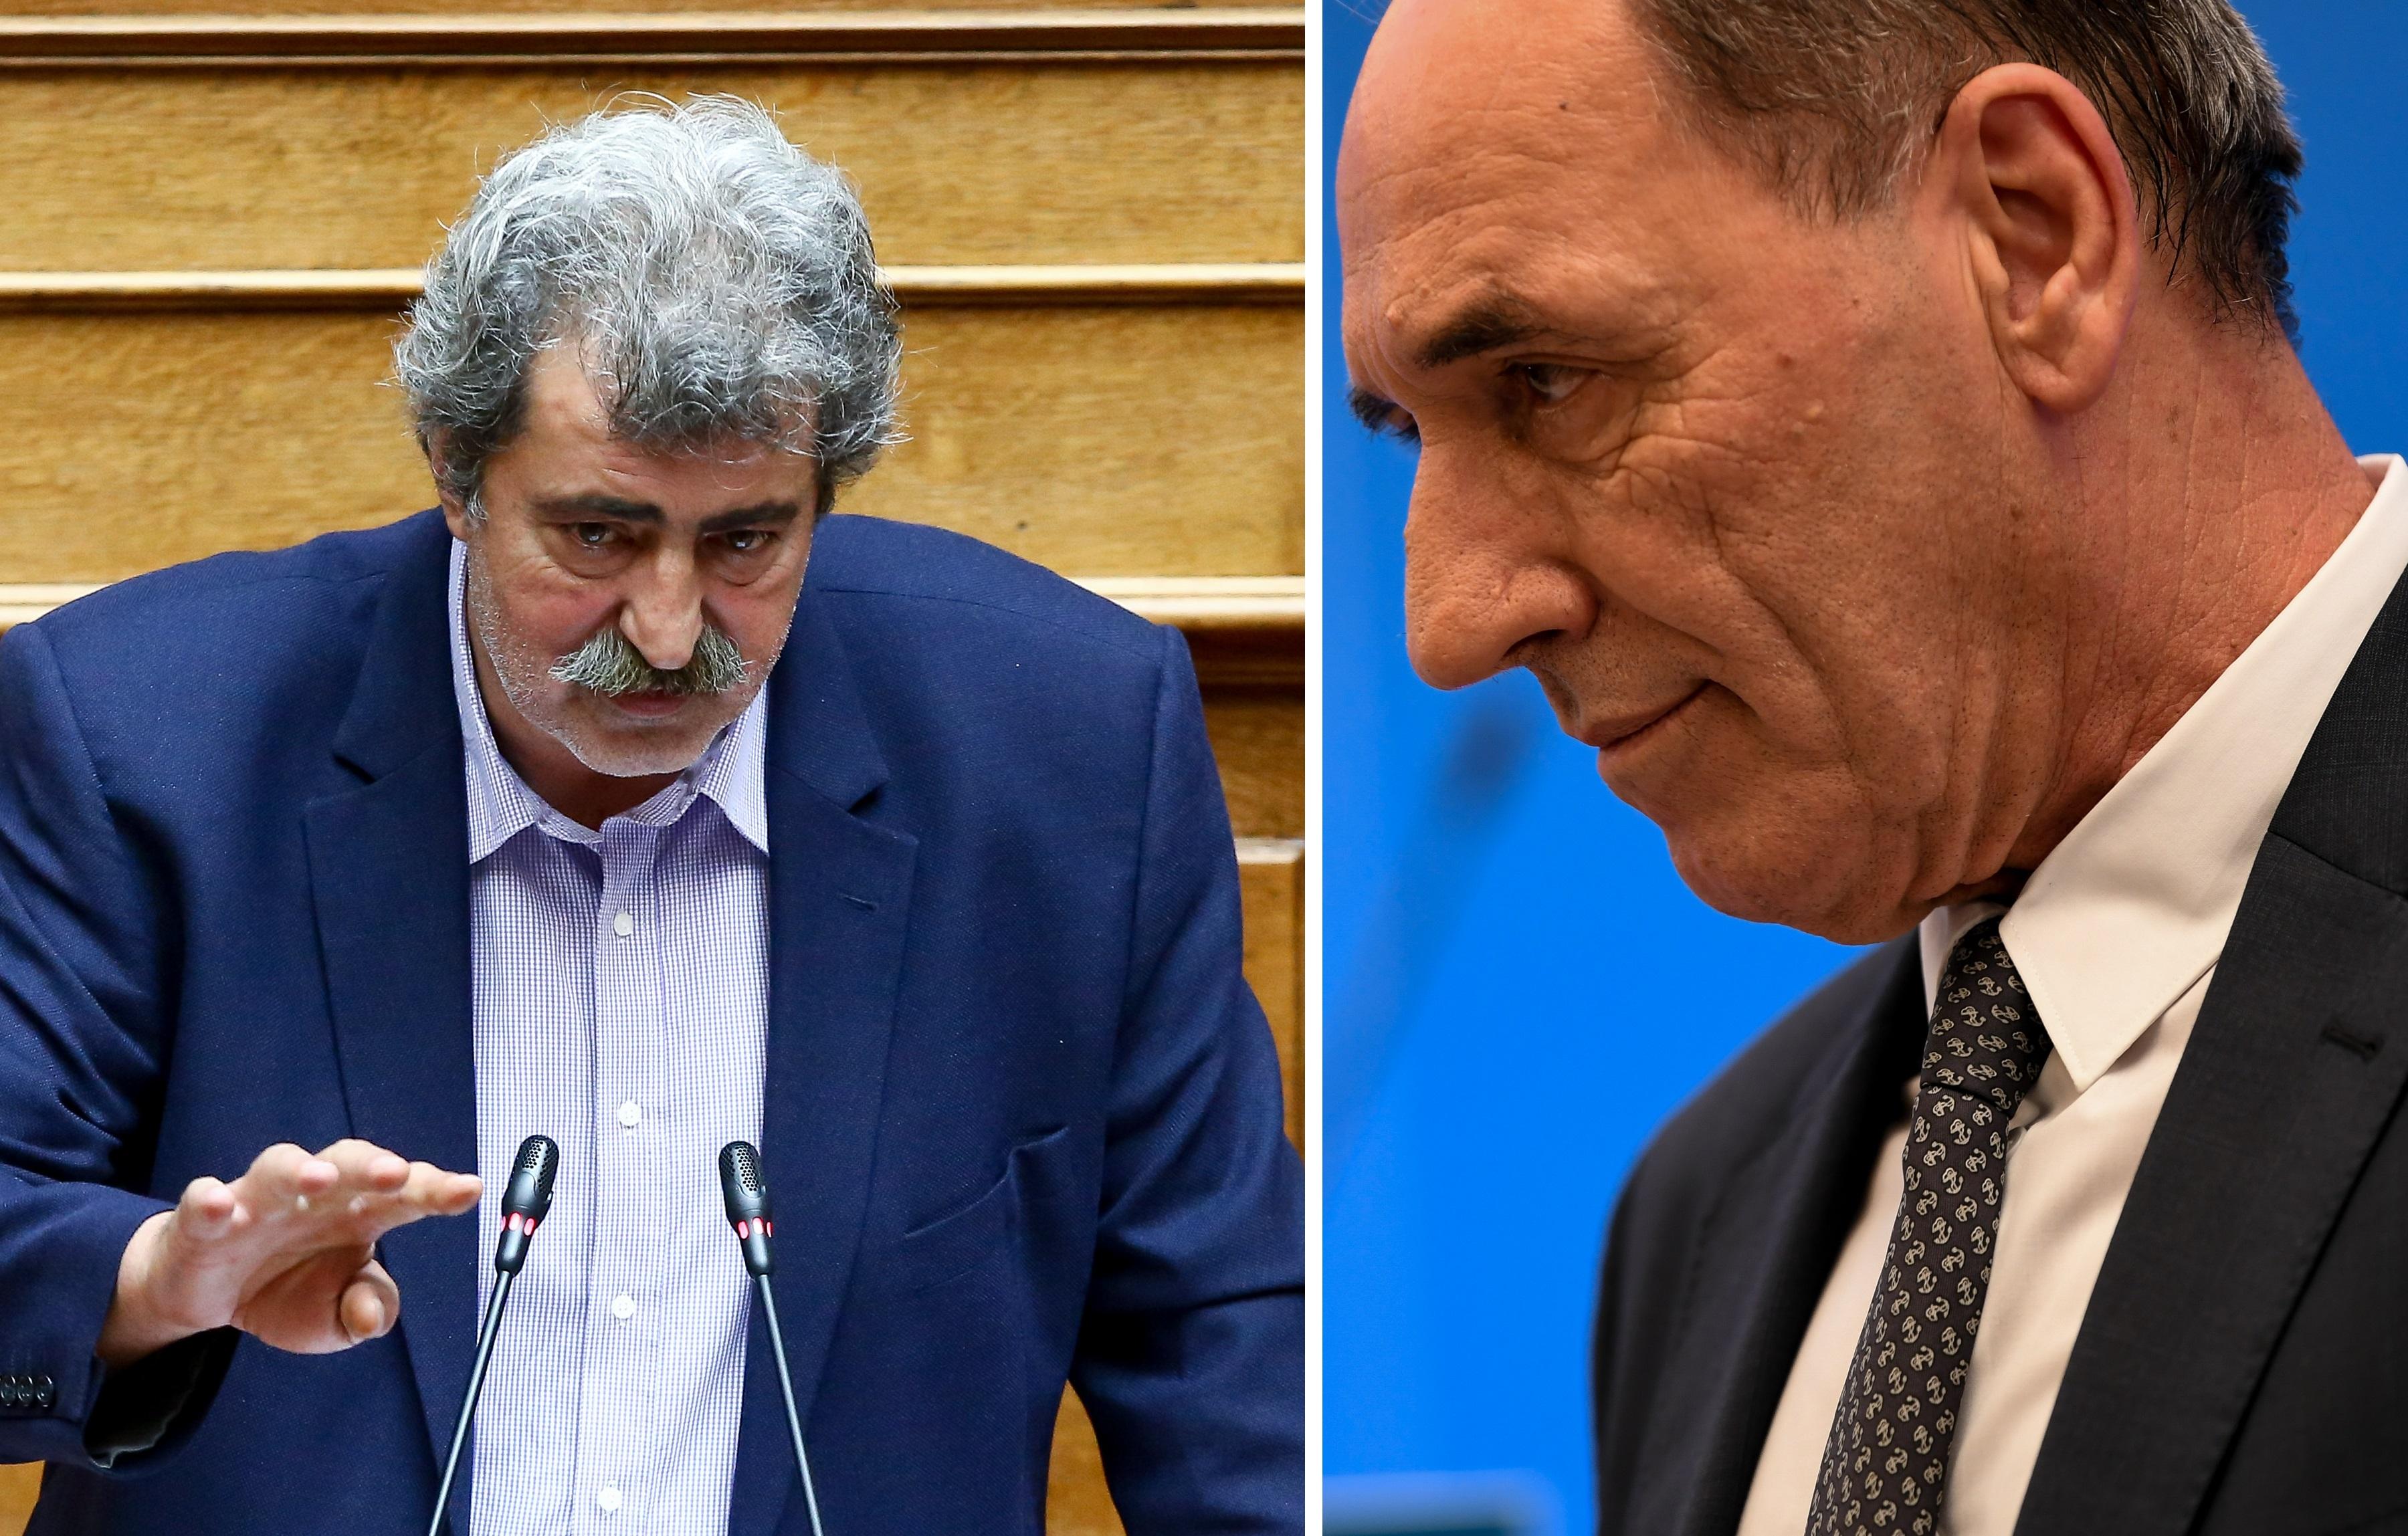 Αποτελέσματα εκλογών – Χανιά: Βγαίνει ο Πολάκης – Εκτός ο Σταθάκης